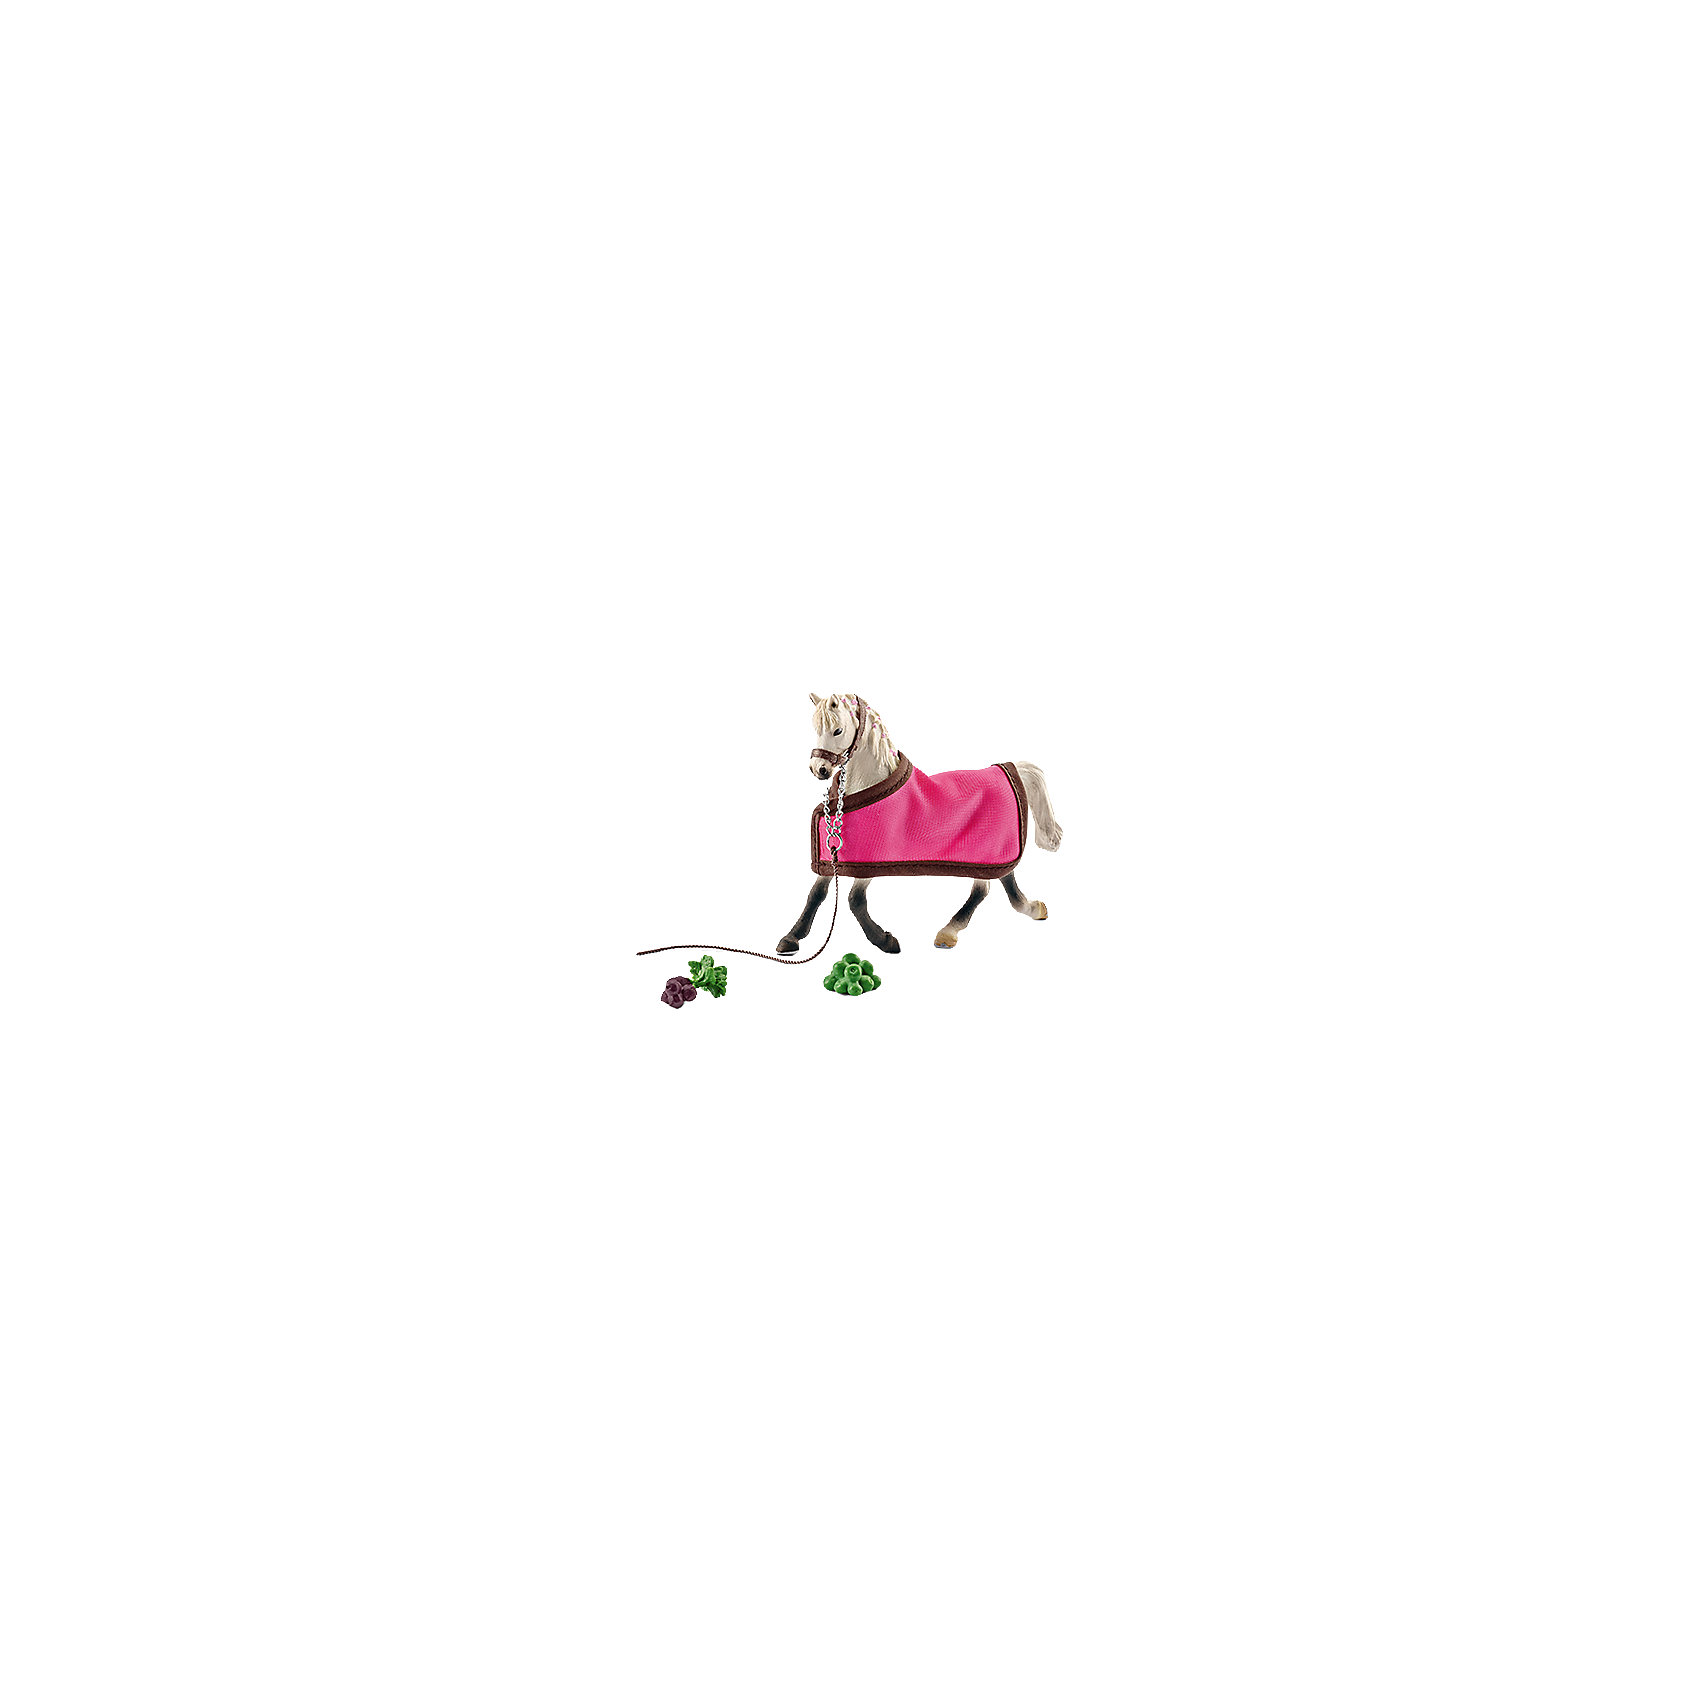 Арабская кобыла с покрывалом, SchleichАрабская кобыла с накидкой, Schleich (Шляйх) – это высококачественная коллекционная и игровая фигурка.<br><br>Прекрасная фигурка белоснежной Арабской кобылы с накидкой станет прекрасным приобретением для ценителей фигурок лошадей.<br>Порода Арабских лошадей была выведена в Аравии. Порода отличается выносливостью, прекрасно поддается дрессировке. Раньше Арабская лошадь использовалась, прежде всего, как орудие войны. Лучшие боевые кобылы демонстрировали в бою выносливость и, как правило, никогда не продавались, а только могли быть преподнесены в качестве особо ценного подарка. Сейчас эта порода является самой популярной в мире и ежегодно завоевывает большое количество различных мировых наград.<br><br>В комплекте с фигуркой лошади есть яркая розовая накидка и муляжи фруктов и овощей для подкрепления сил перед скачками.<br><br>Прекрасно выполненные фигурки Schleich (Шляйх) являются максимально точной копией настоящих животных и отличаются высочайшим качеством игрушек ручной работы. Каждая фигурка разработана с учетом исследований в области педагогики.<br>Фигурка Арабской кобылы прекрасно разнообразит игру вашего ребенка и станет отличным пополнением коллекции его фигурок животных.<br><br>Все фигурки сделаны из гипоаллергенных высокотехнологичных материалов, раскрашены вручную и не вызывают аллергии у ребенка.<br><br>Дополнительная информация:<br><br>- Размер фигурки: 3x12,4x9,9 см.<br>- Материал: высококачественный каучуковый пластик.<br>- Состав: Фигурка, накидка, муляжи фруктов и овощей.<br><br>Фигурку Арабской лошади с накидкой, Schleich (Шляйх) можно купить в нашем интернет-магазине.<br><br>Ширина мм: 198<br>Глубина мм: 175<br>Высота мм: 55<br>Вес г: 197<br>Возраст от месяцев: 36<br>Возраст до месяцев: 96<br>Пол: Женский<br>Возраст: Детский<br>SKU: 4394635